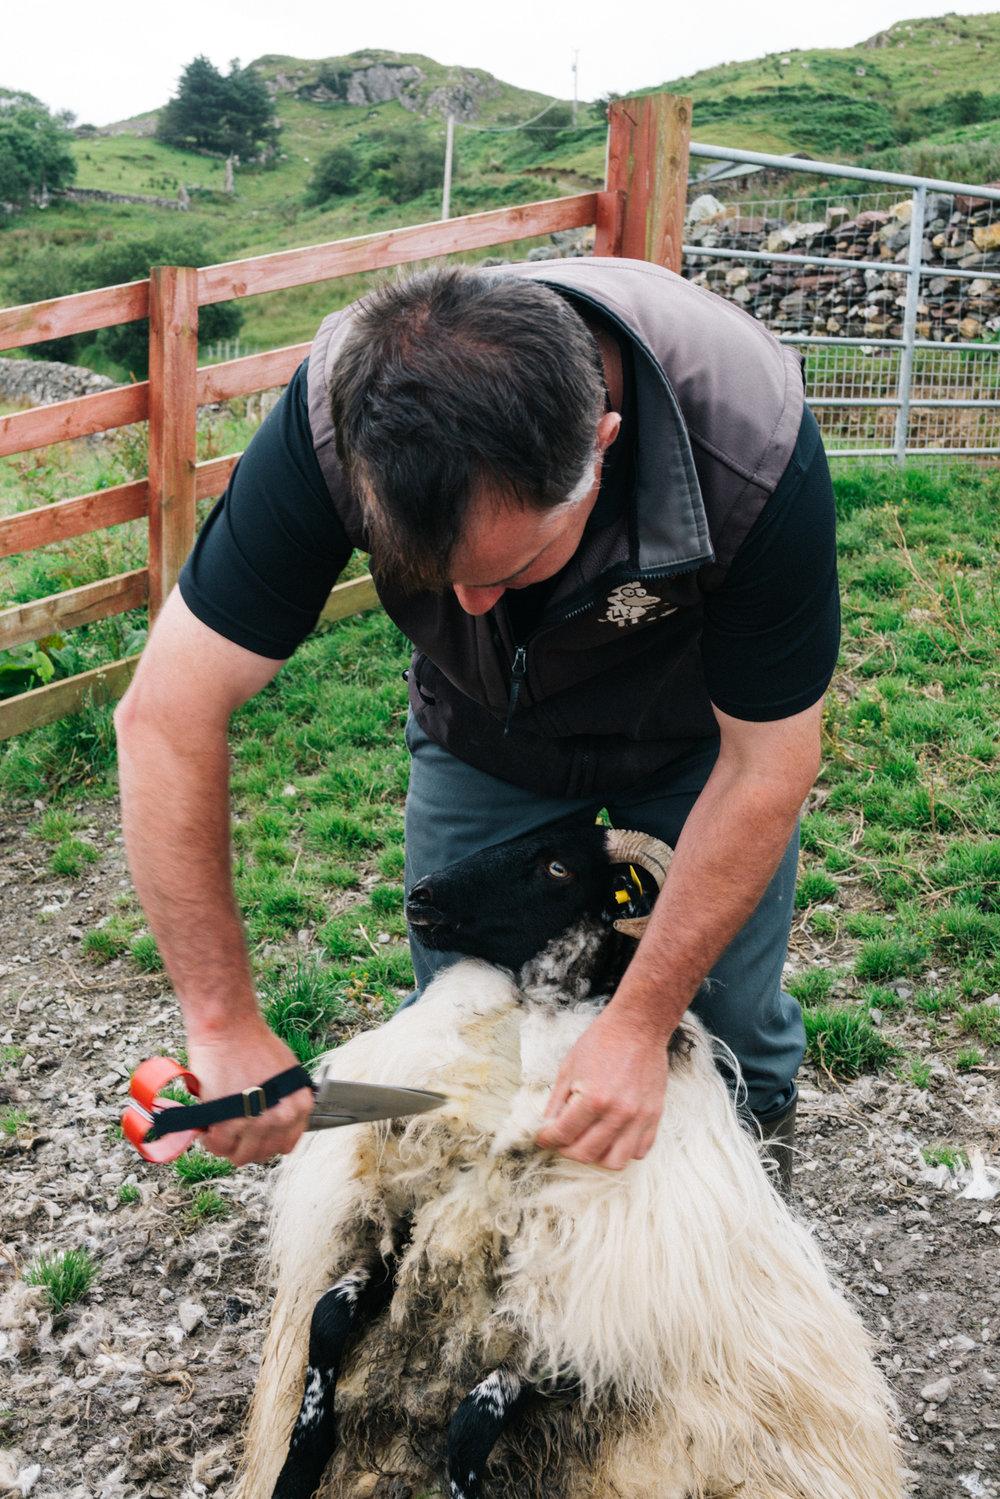 sheep_farms-2.jpg